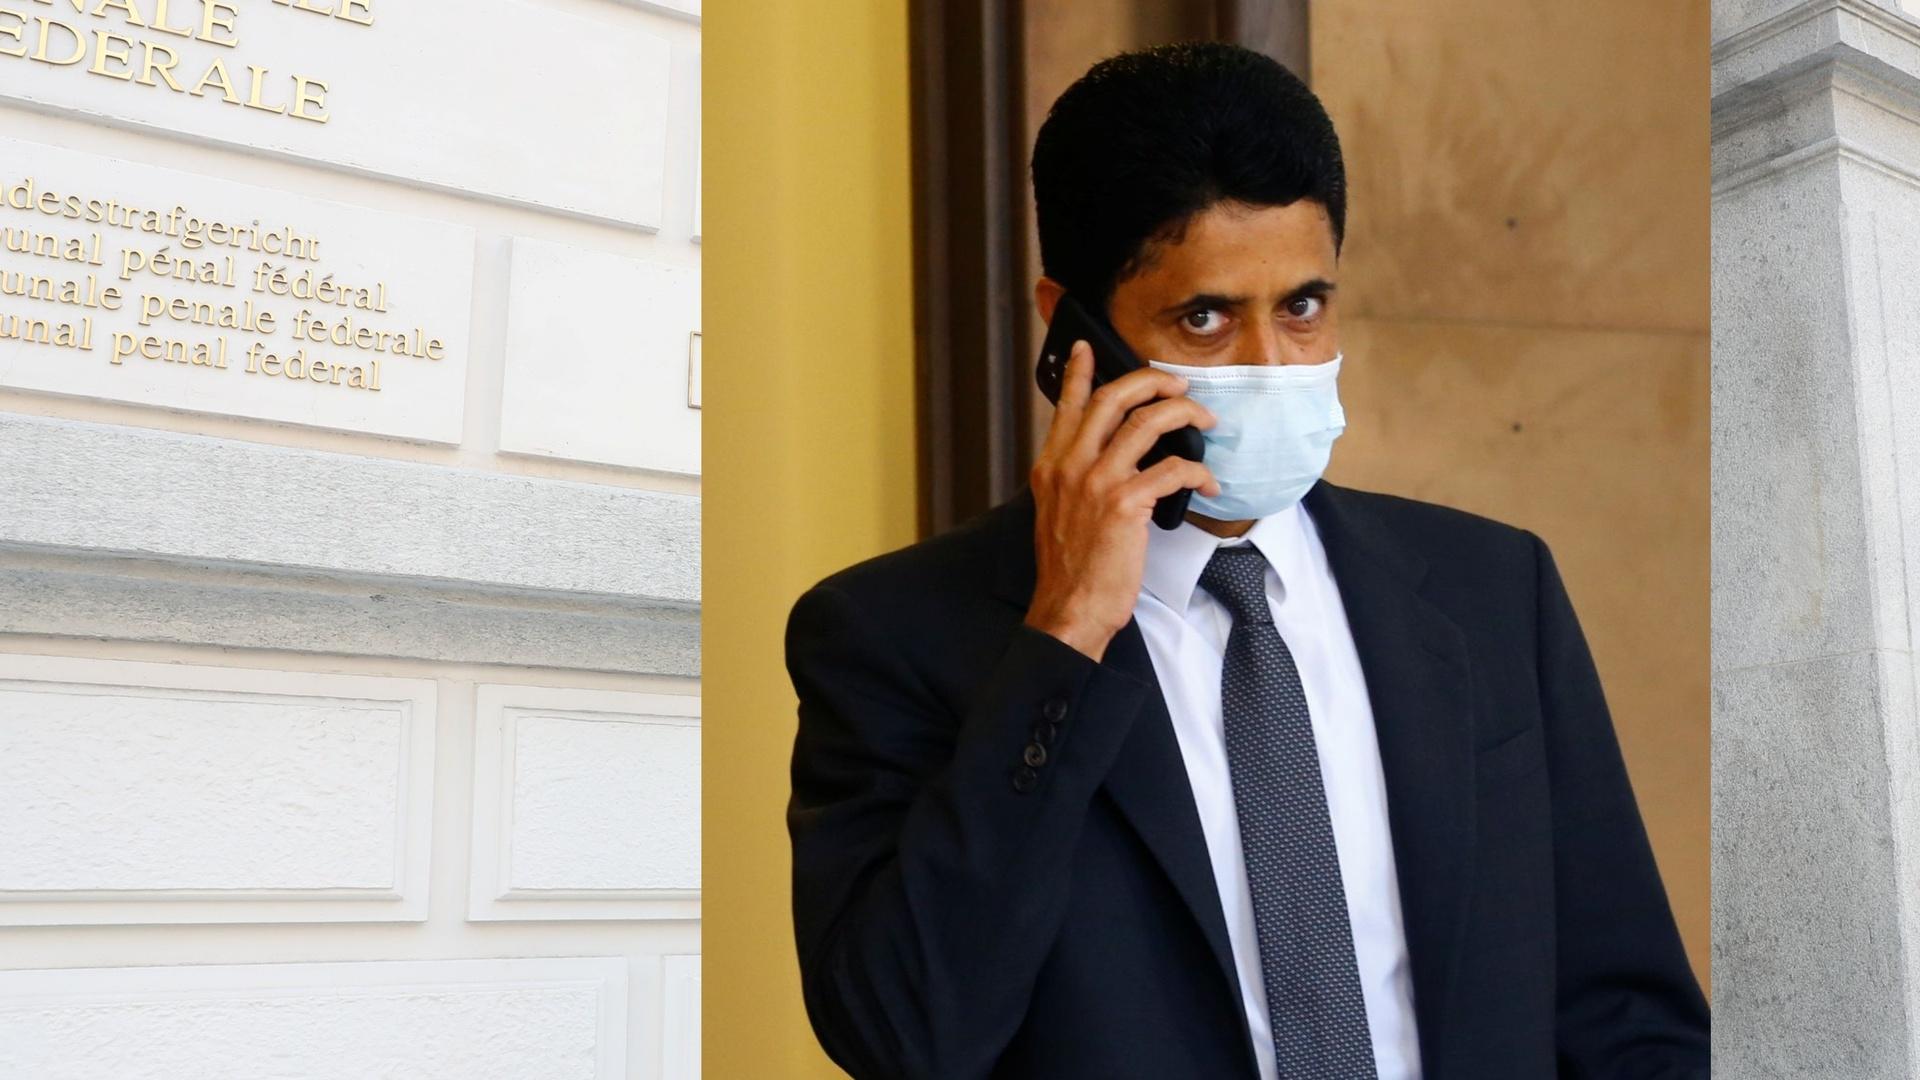 الادعاء السويسري يطالب بسجن ناصر الخليفي بسبب فضيحة